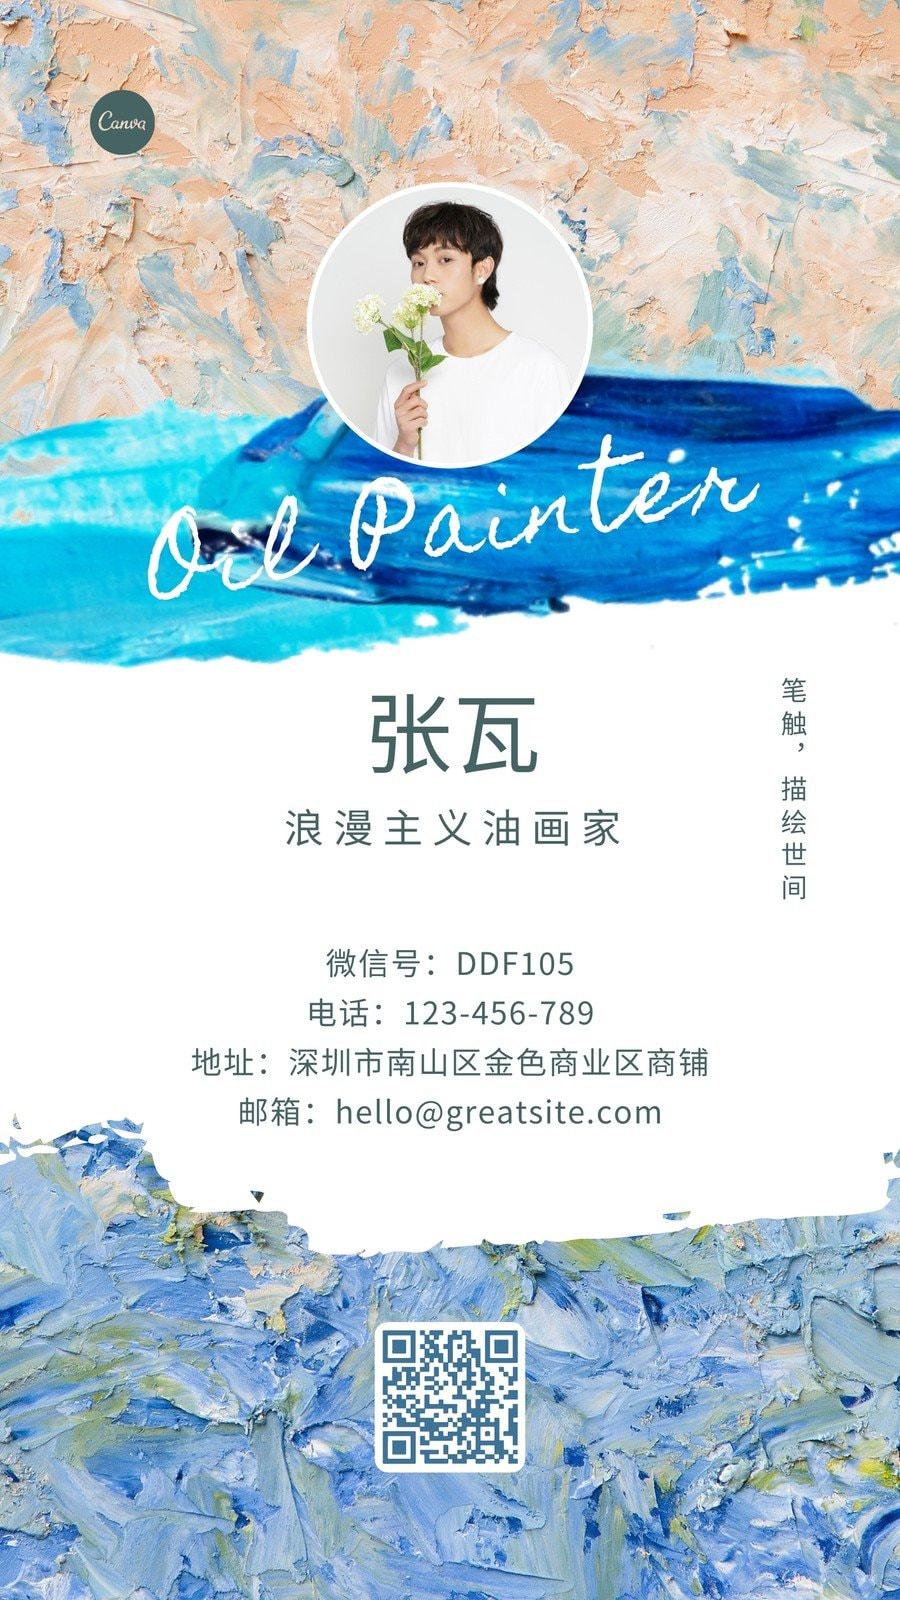 蓝白色浪漫主义 油画浪漫艺术介绍中文电子名片